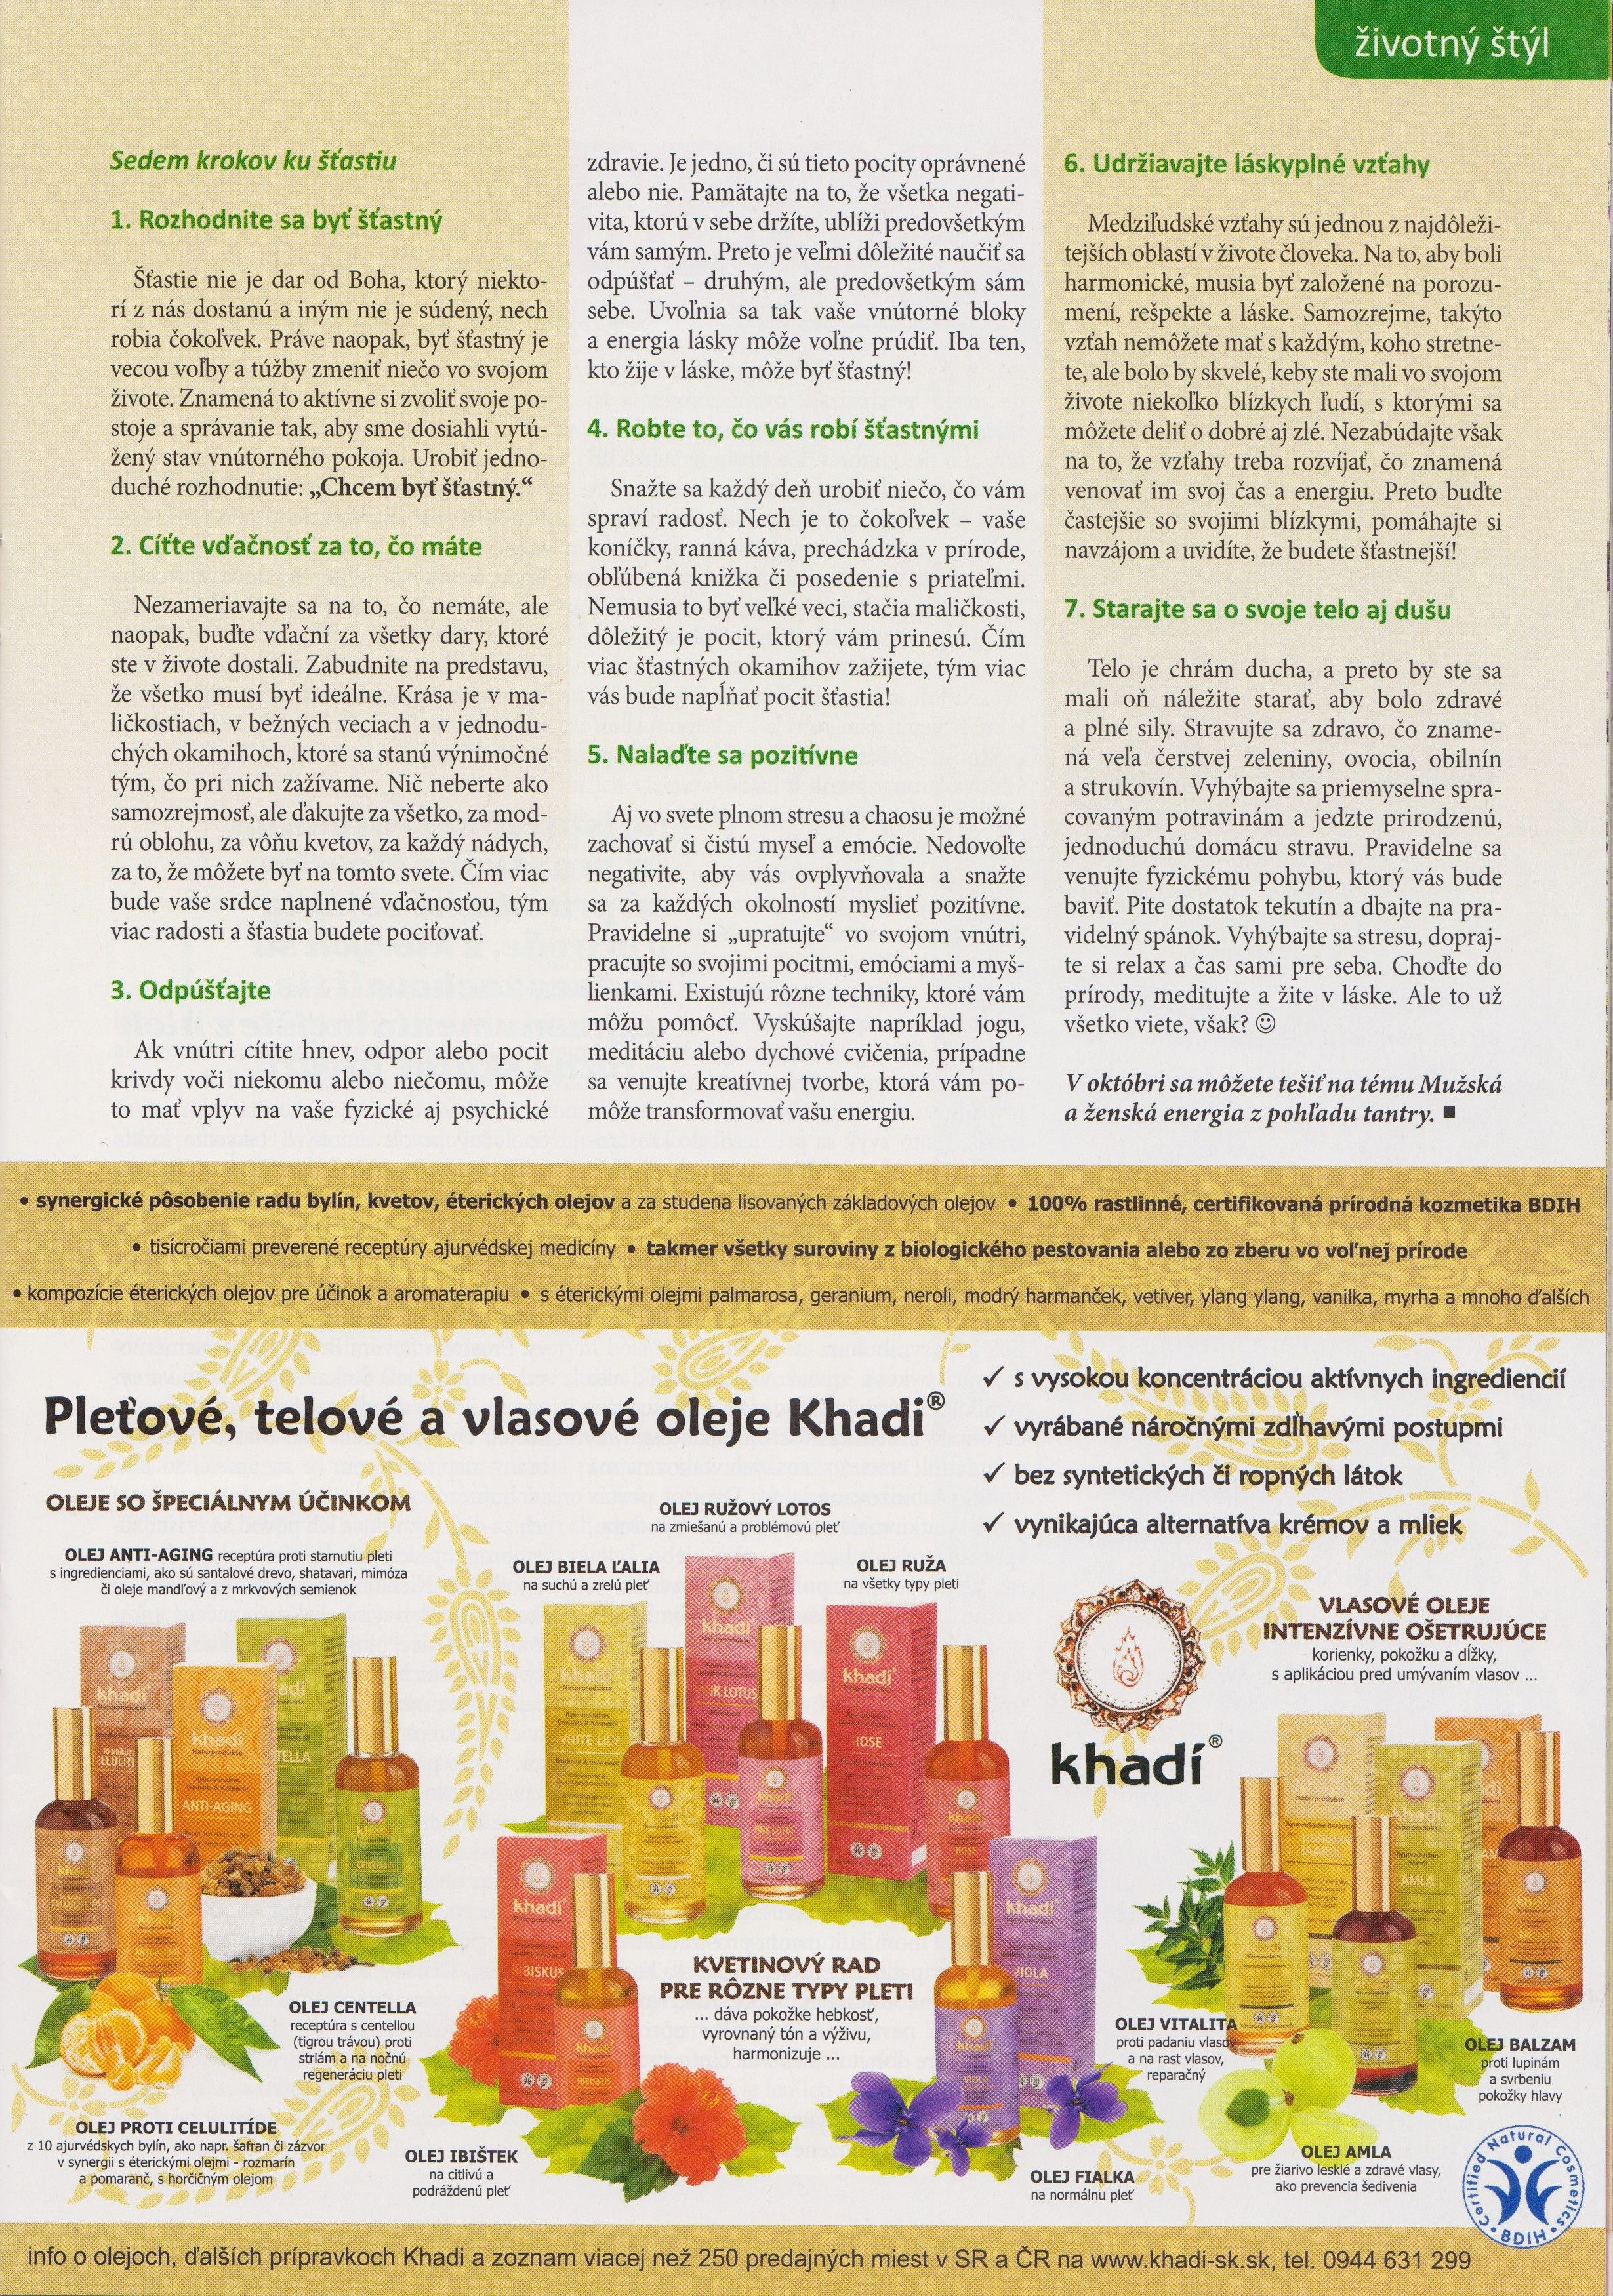 Vitalita 9_2015 - Ako byť šťastný a žiť v harmónii, str.2